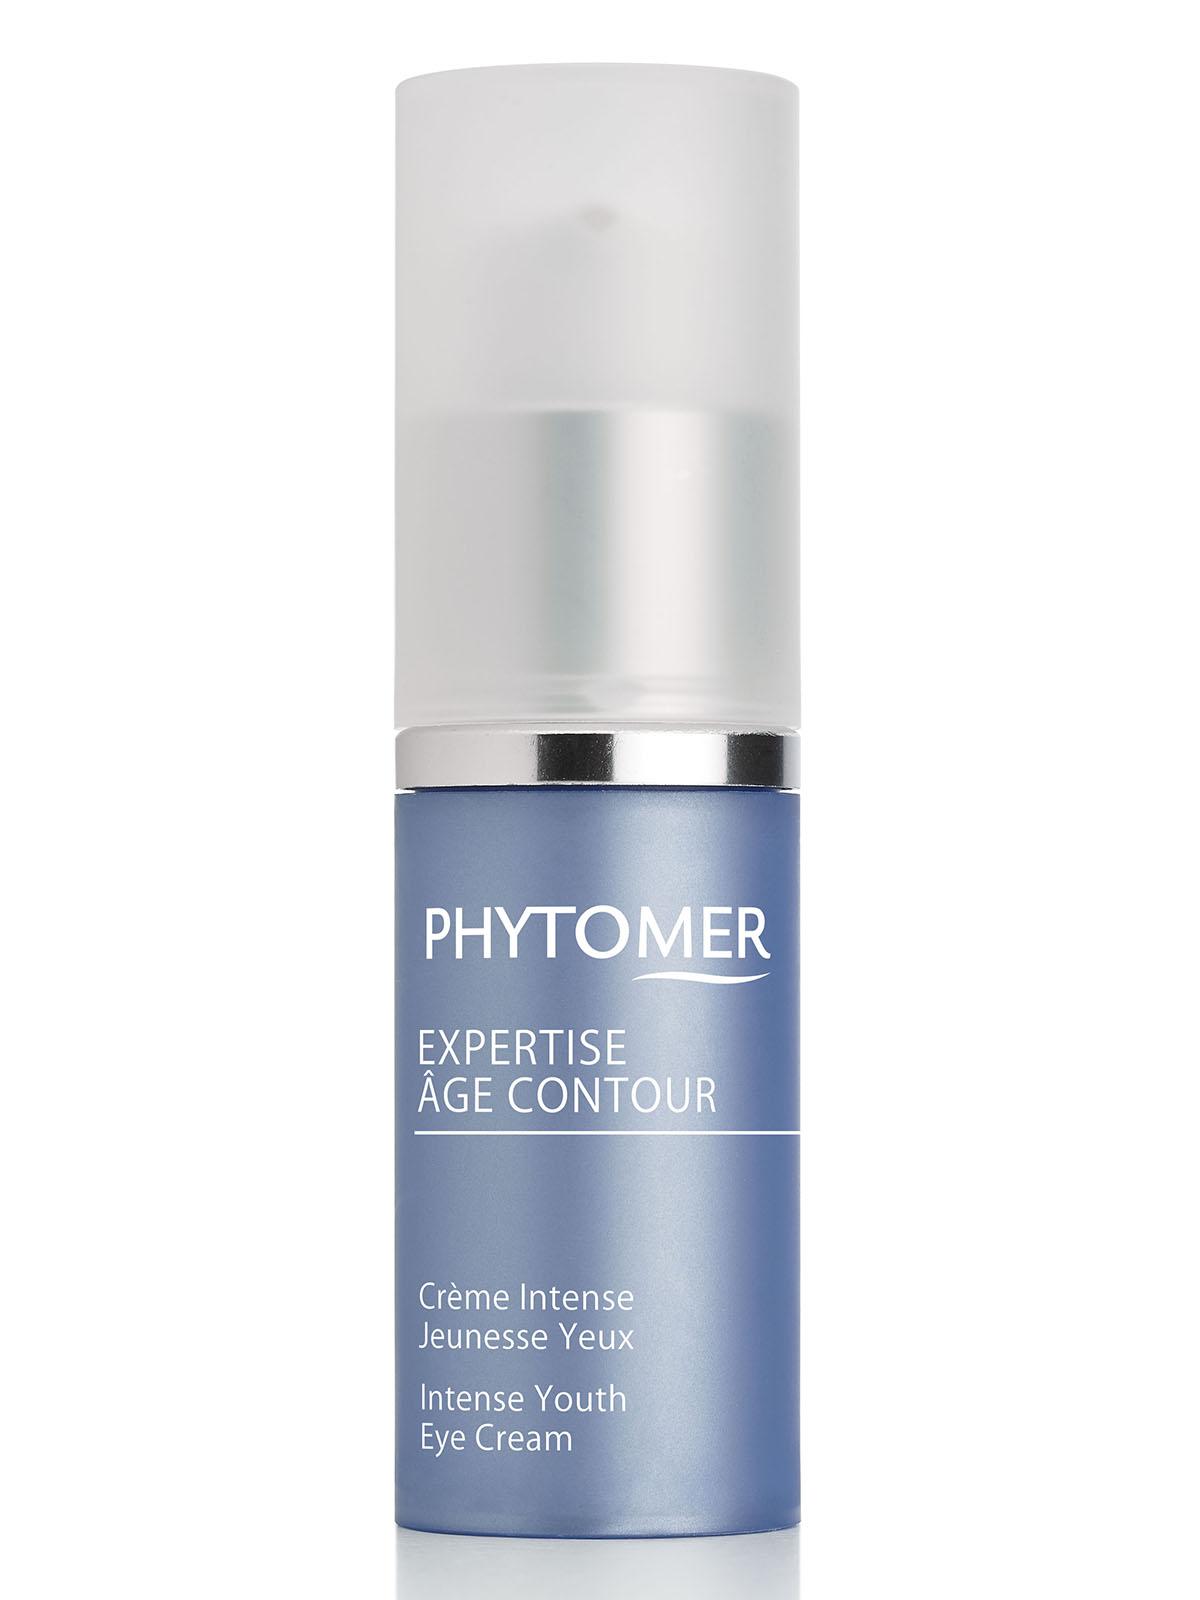 PHYTOMER Крем восстанавливающий от морщин для кожи глаз и губ / YOUTH CONTOUR 15млКремы<br>Для коррекции первых признаков возрастных изменений. Предотвращает возрастные изменения. Уменьшает темные круги, укрепляет сосудистую стенку и соединительнотканный каркас дермы. Активные ингредиенты:&amp;nbsp; масло ши, био   сахариды, Олигомер, экстракты хлореллы, саликорнии, ламинарии, аскофиллум нозодум, лаванды, Вода морского источника, делессерия сангуения, оргнитагалум нарбоненсе, токоферол. Способ применения: препарат наносится на очищенную и тонизированную кожу параорбитальной области легкими деликатными впитывающими движениями утром и вечером.<br><br>Объем: 15 мл<br>Вид средства для лица: Восстанавливающий<br>Назначение: Морщины